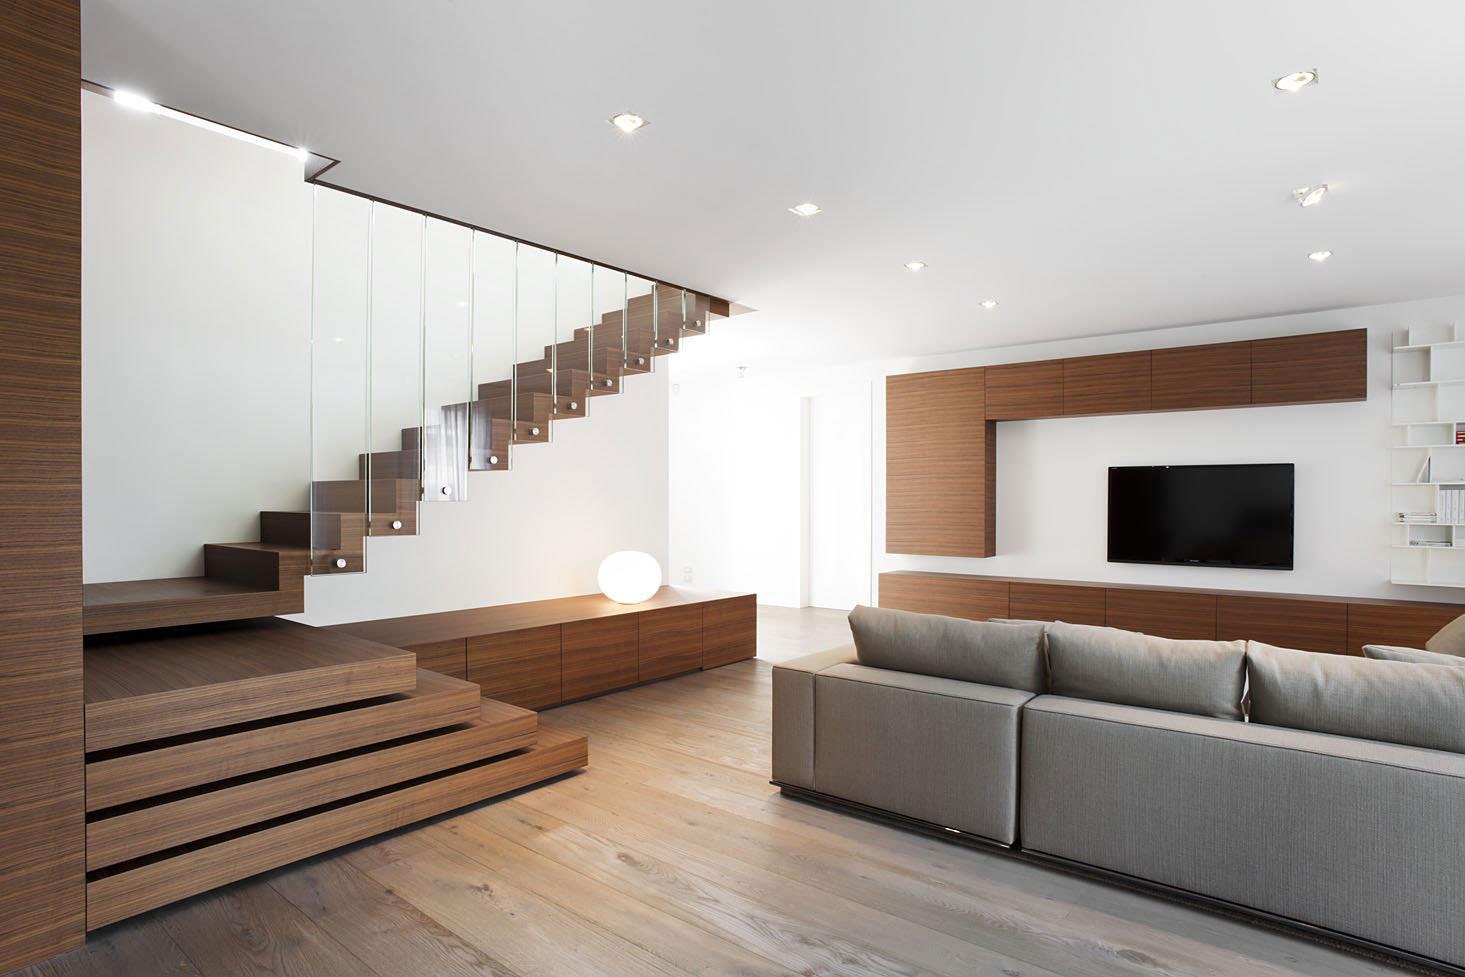 室内装修细节赏析_复式楼梯设计图片